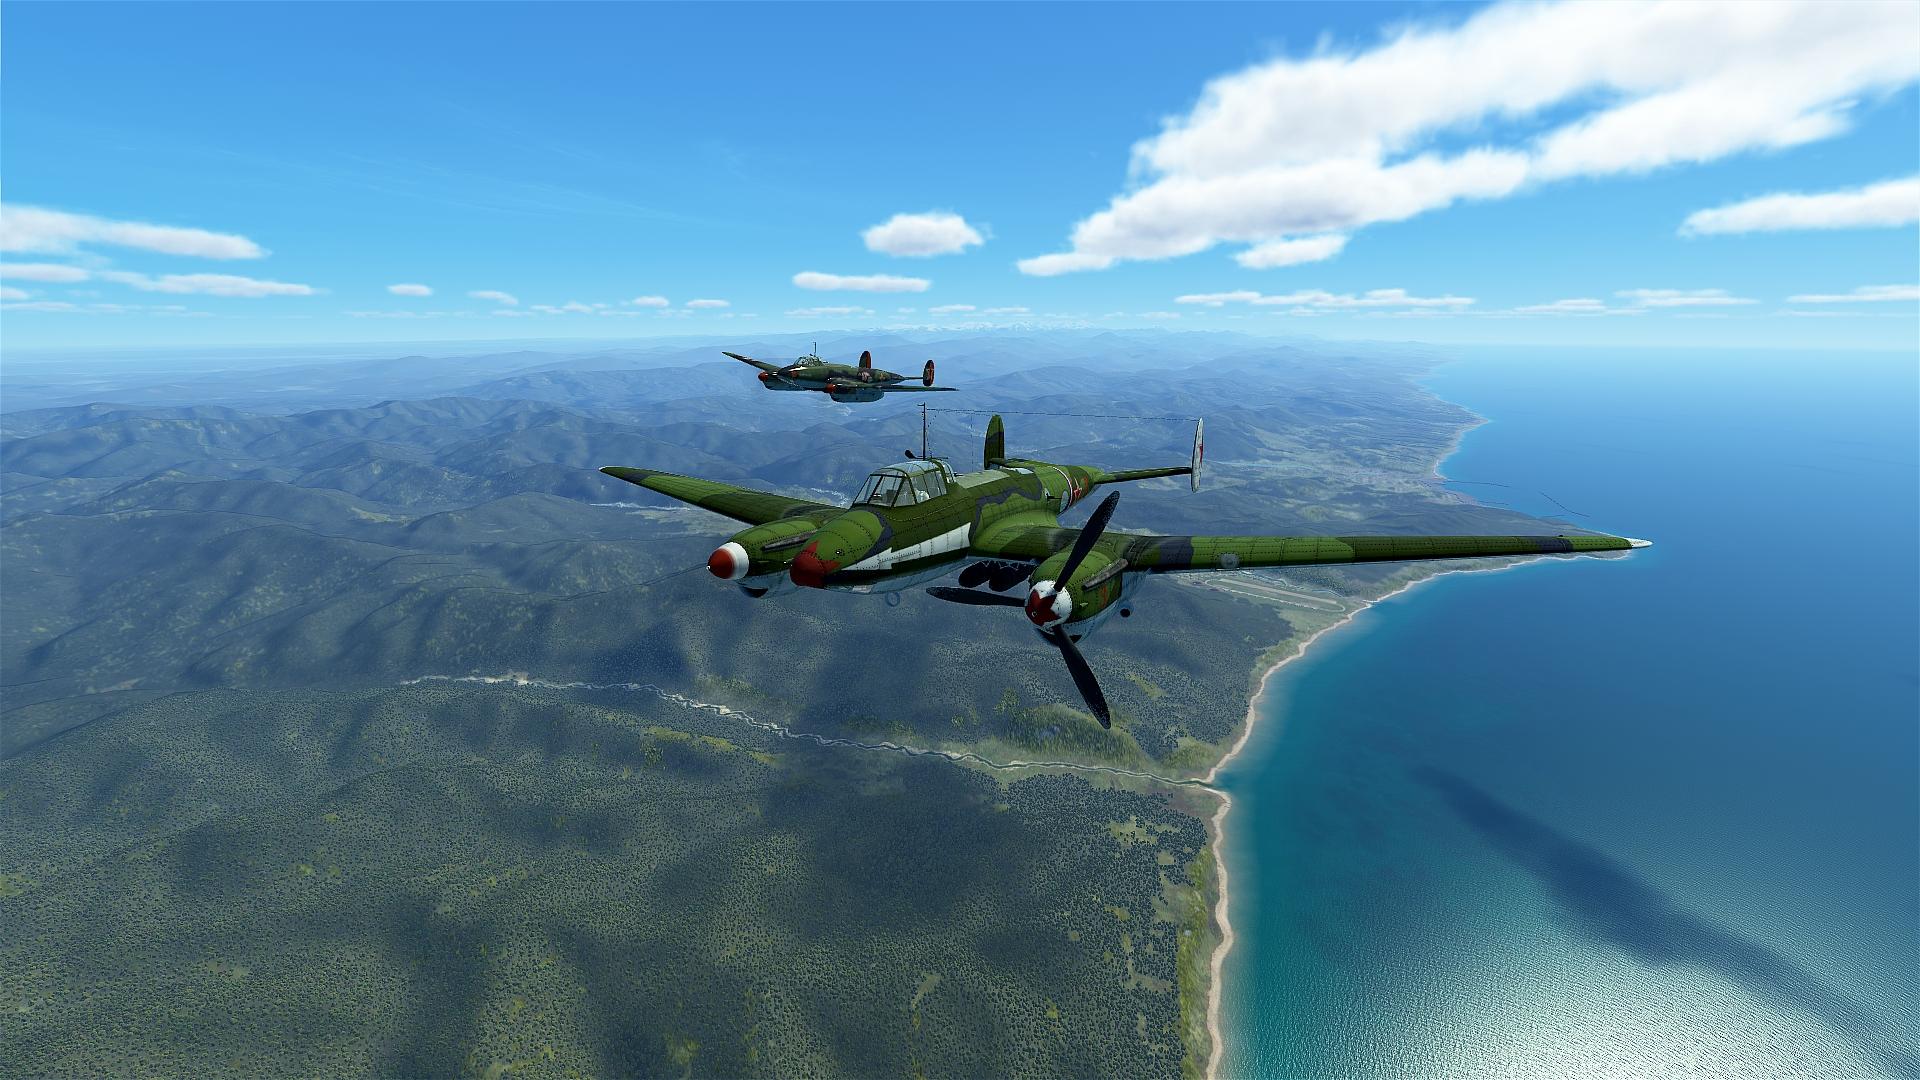 Un ptit CR en image de  la sortie de vendredi sur les Fnbf avec les NN en bomber ! 41560316542_92e93d2609_o